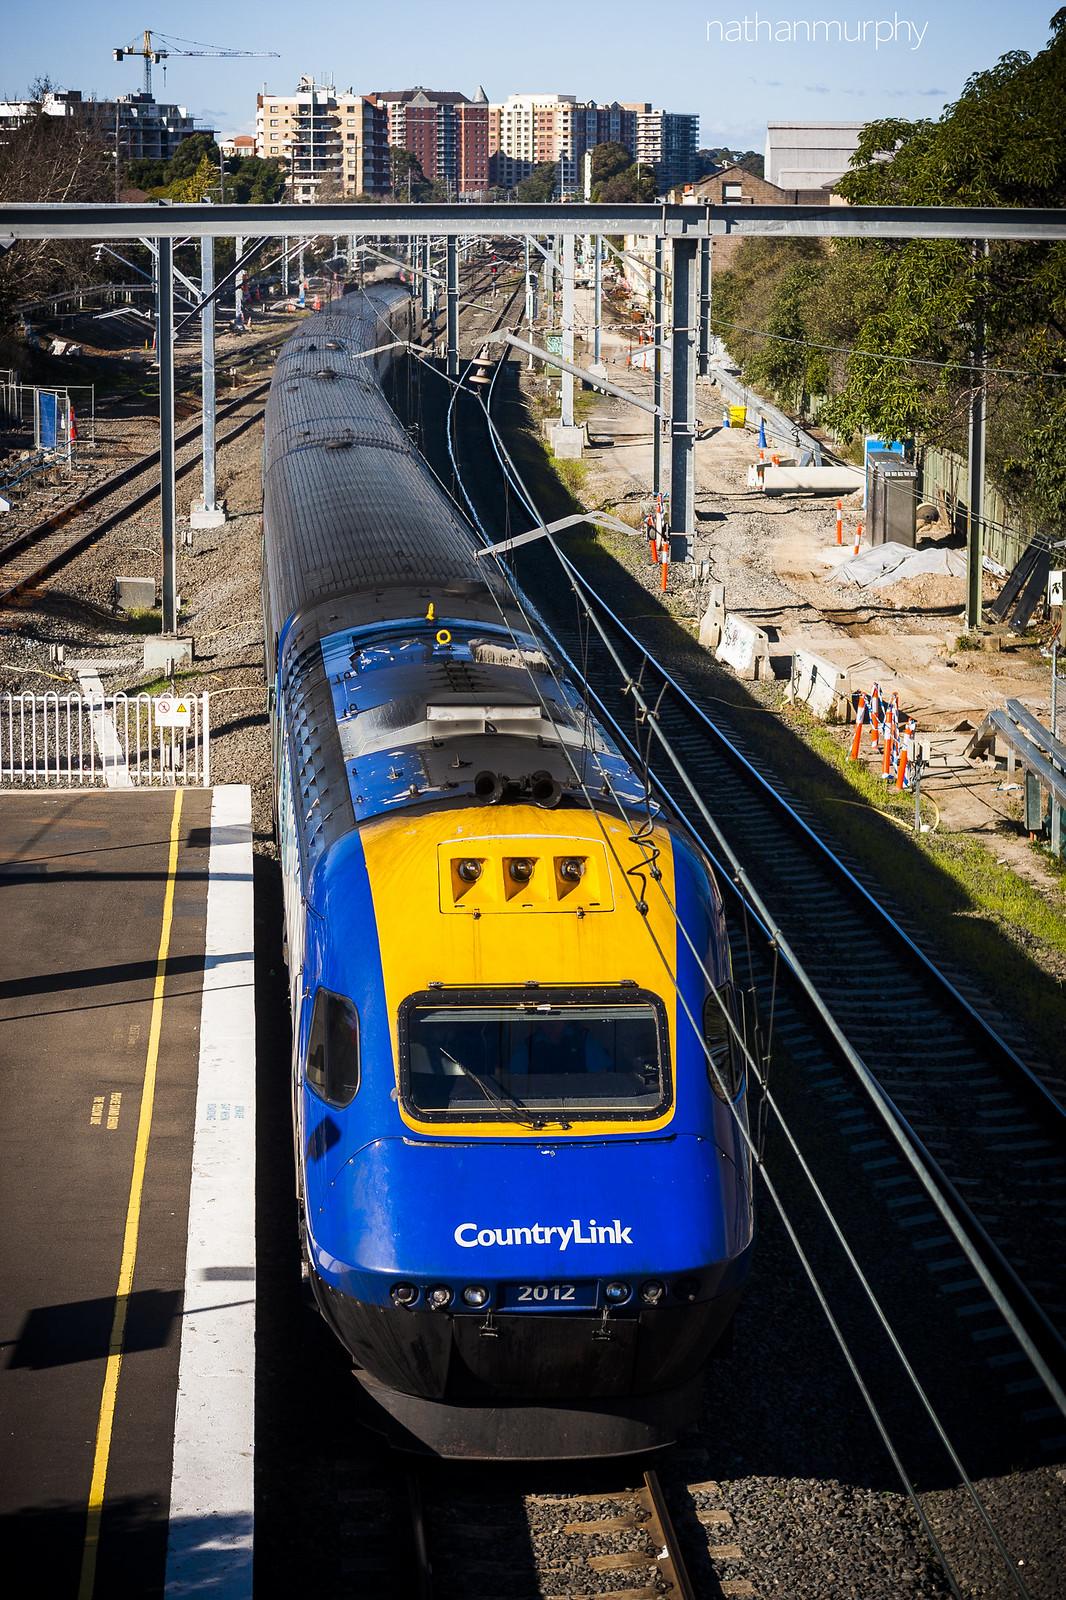 Casino Xpress Passenger Train by Nathan Murphy